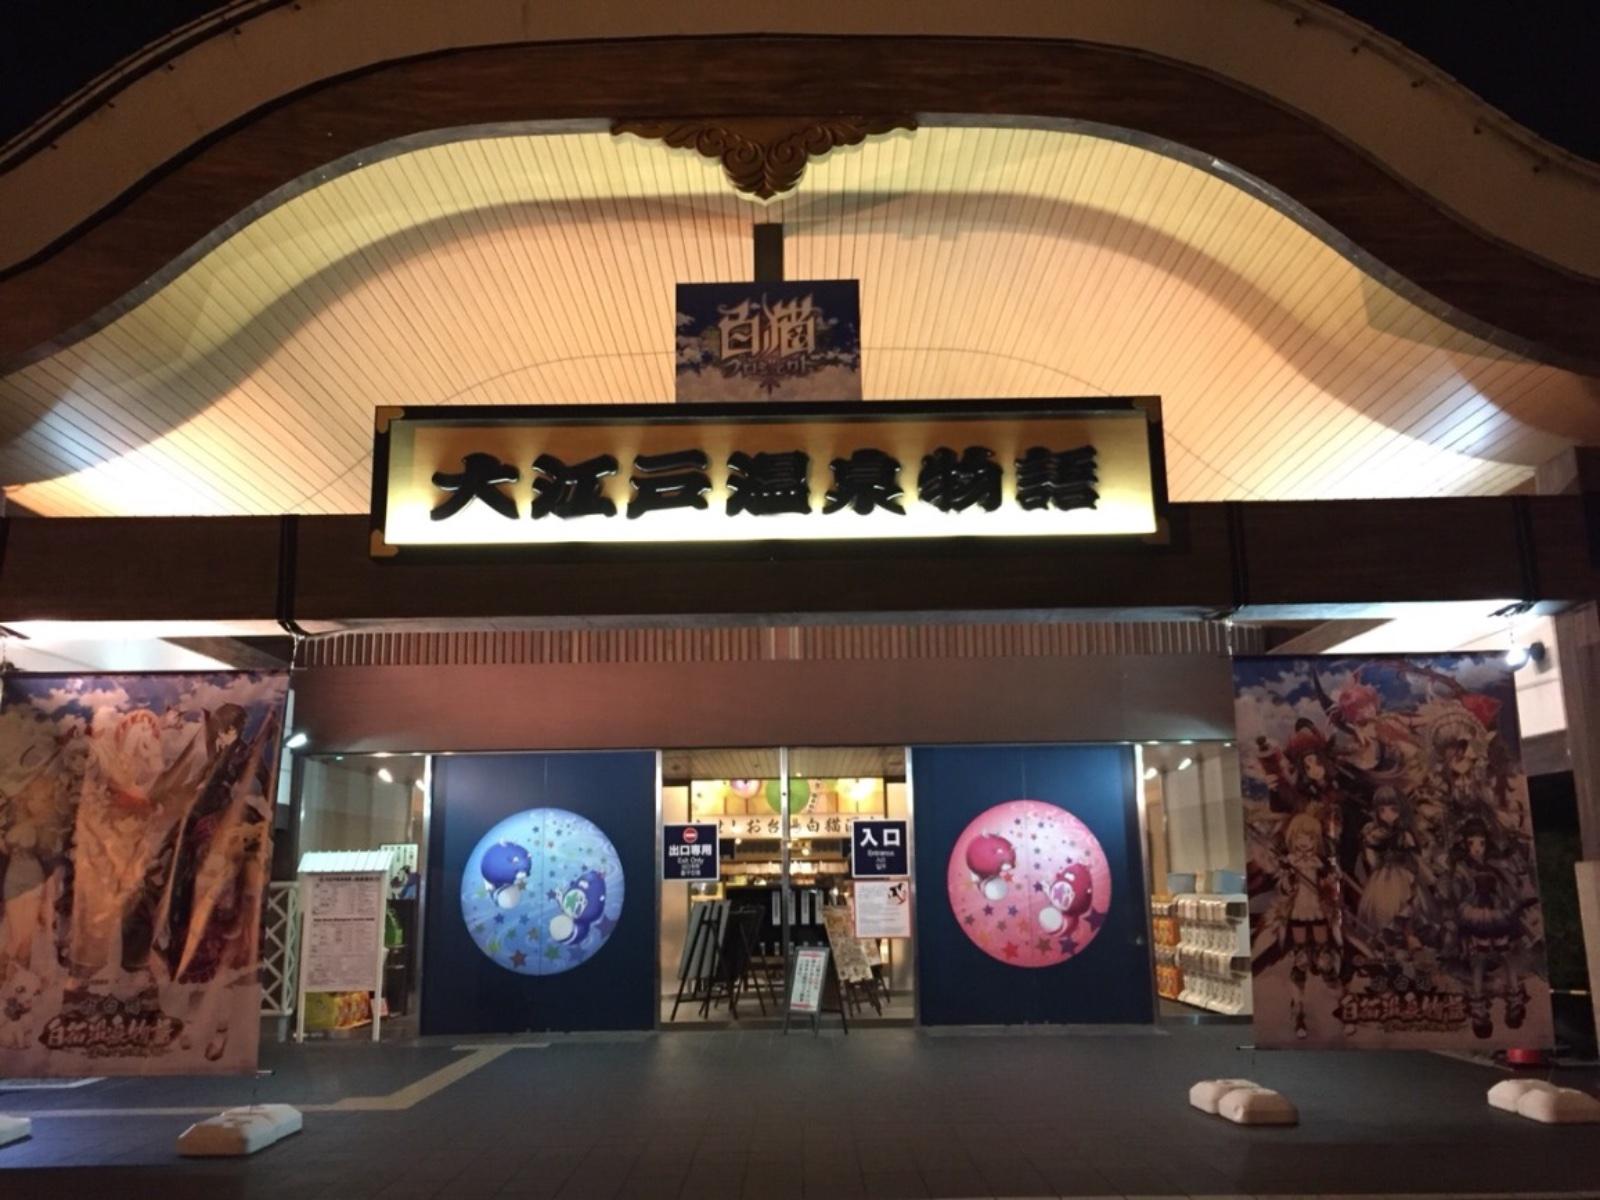 東京の温泉12選!スパから下町の銭湯まで網羅した厳選集